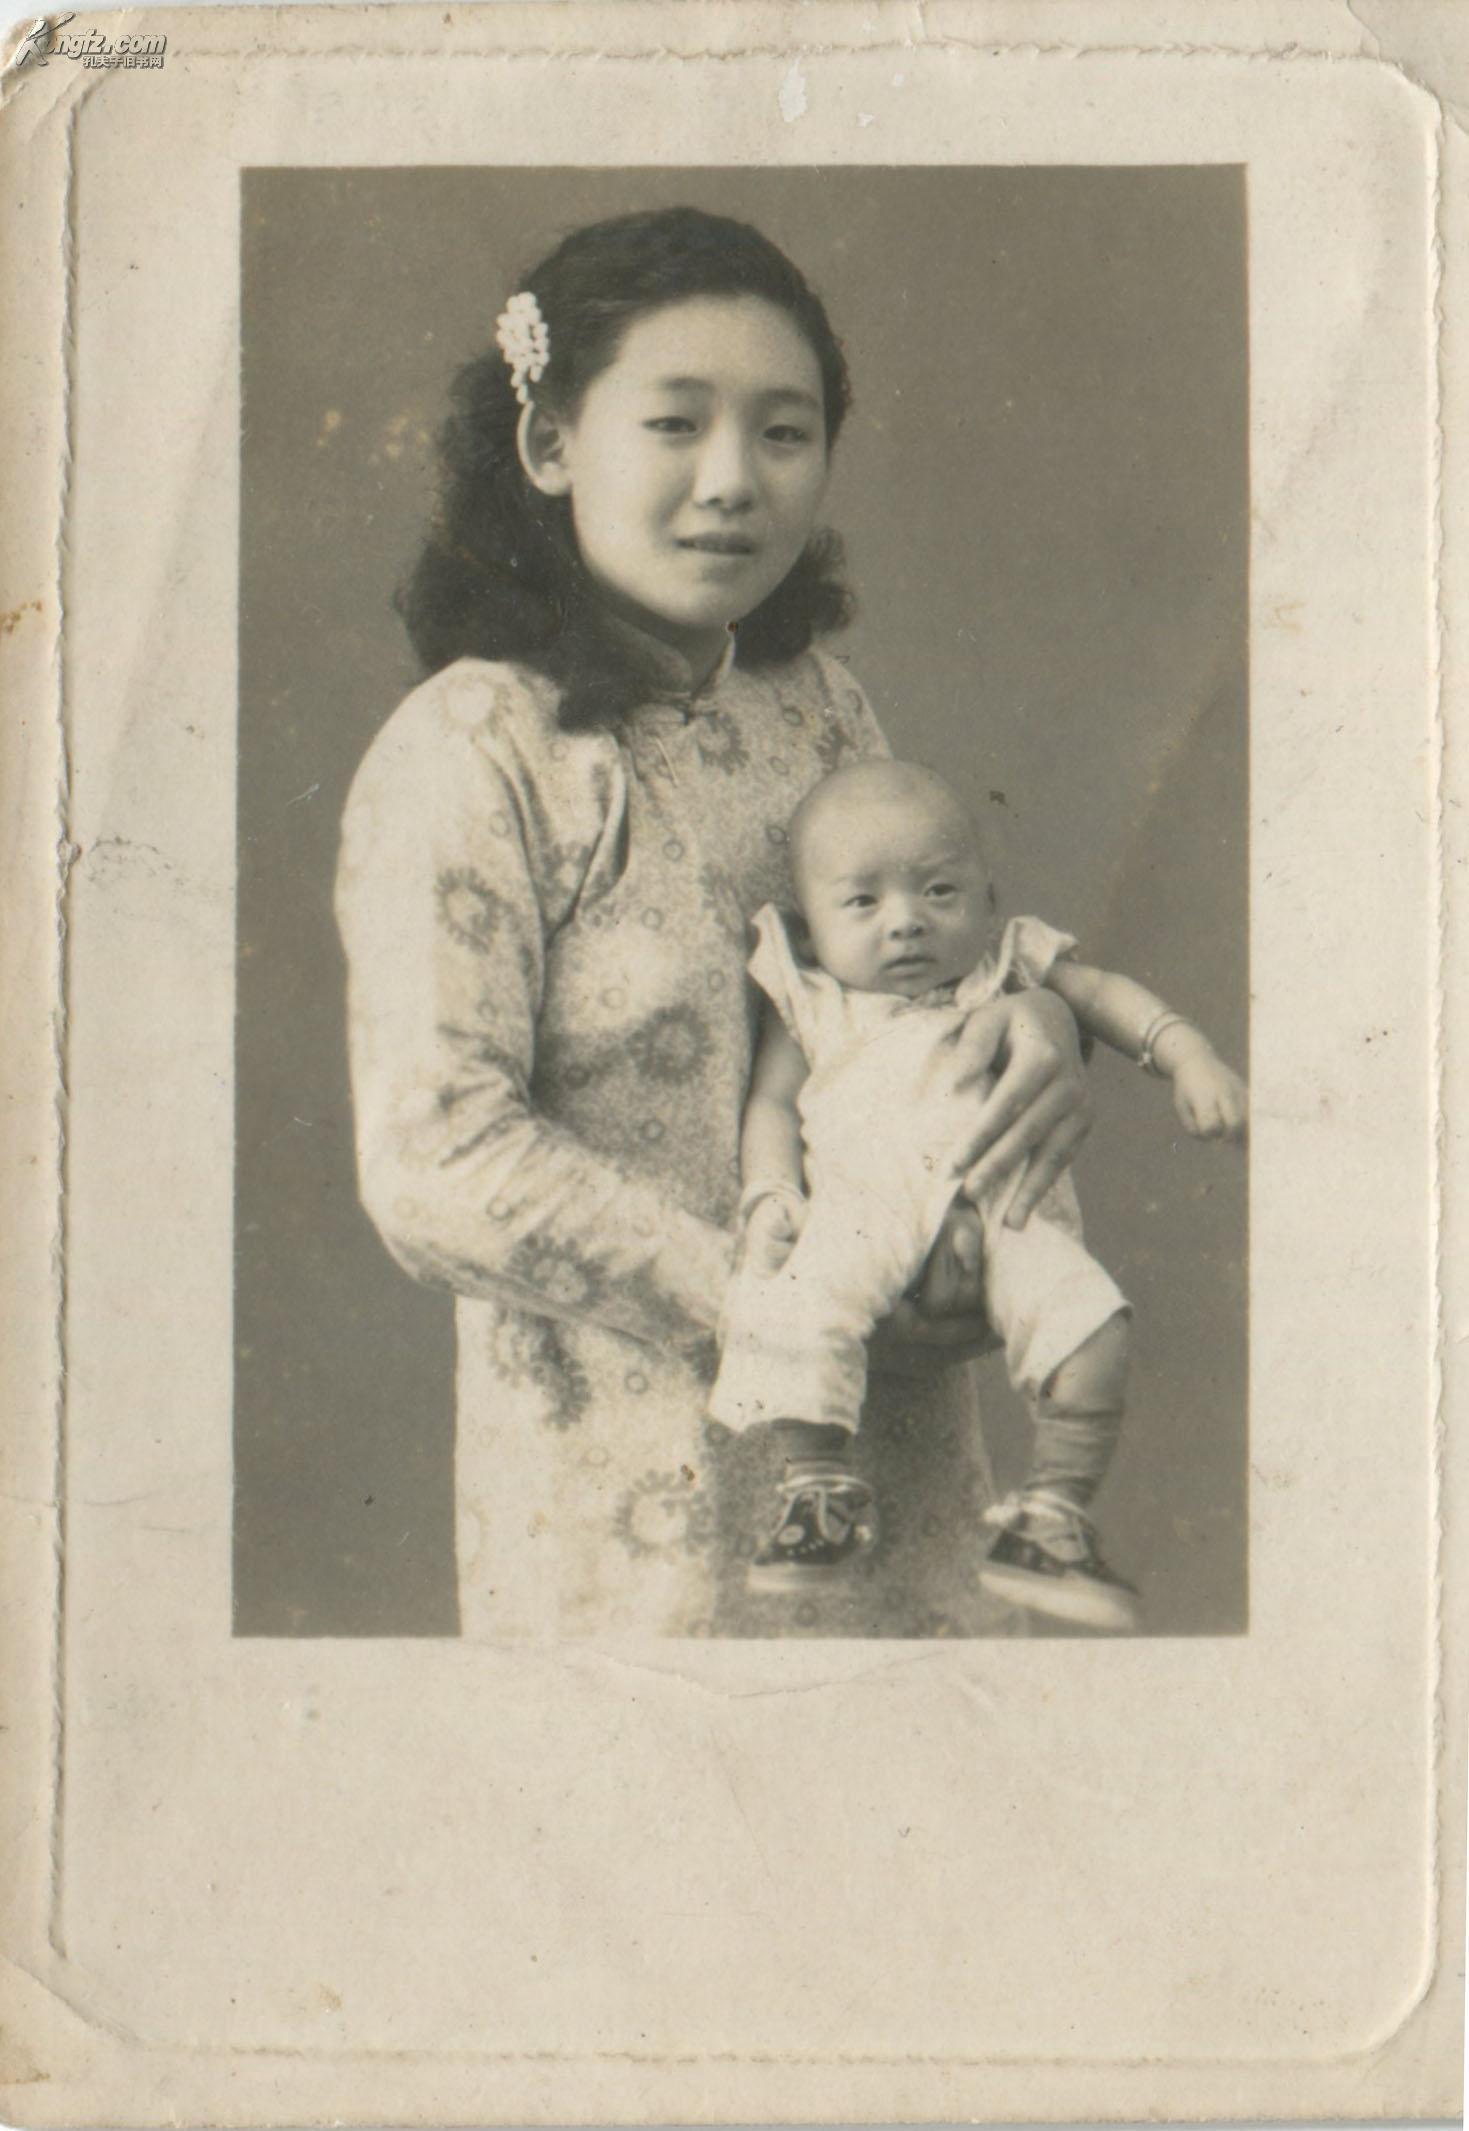 超恐怖的民国老照片 年前的中国老照片 年前的中国老照片图片